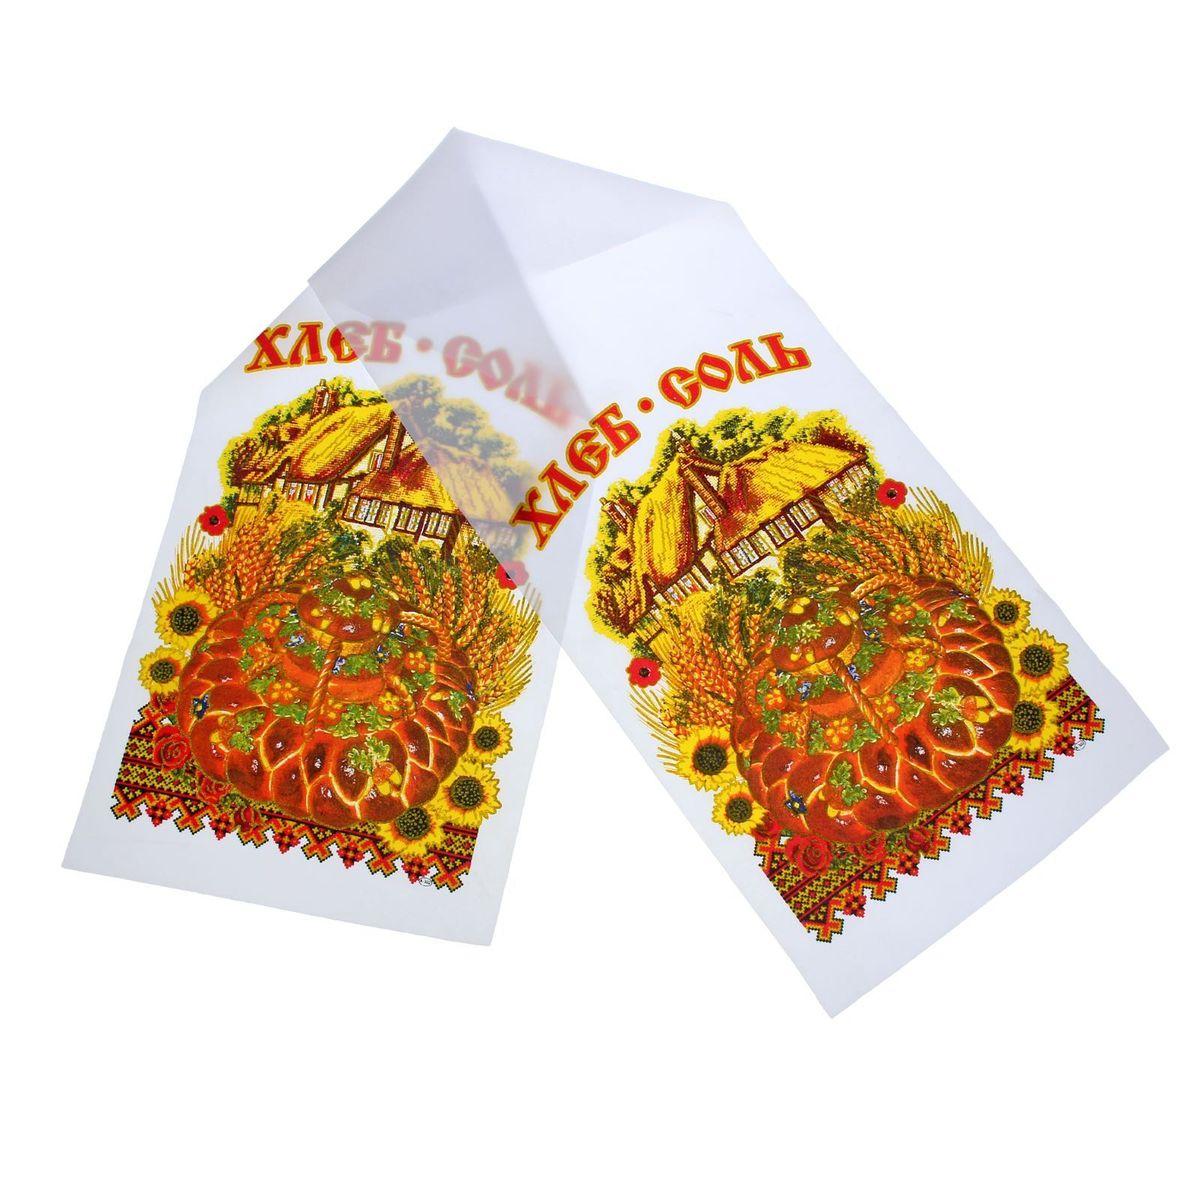 Рушник Sima-land Хлеб-соль, цвет: мульти, 150 х 36 см1134755Рушник  Хлеб-соль, 150 х 36 см предназначен для встречи родителями молодожёнов хлебом и солью и символизирует нерушимую связь двух любящих сердец. Этот традиционный сувенир оберегает от порчи и сглаза, приносит в дом мир и покой. Рушник изготовлен из ткани и украшен ярким орнаментом. Символические узоры, используемые для вышивания таких аксессуаров, означают: крест является символом света, солнца, счастья и добра; корона - божье благословение; пара голубей, павлинов, лебедей означает верную любовь и семейное счастье; ласточка - хорошие вести и крепкое хозяйство; дерево жизни - важный символ, обозначающий бесконечность и процветание рода, взаимосвязь поколений, традиции семьи; веночки вышивают незамкнутыми, так как они означают жизненный путь; роза - красота, любовь, процветание; если с бутонами, то пожелание иметь детей; лилия - невинность, женская красота и чистота, обычно изображается с бутонами и листьями, что...